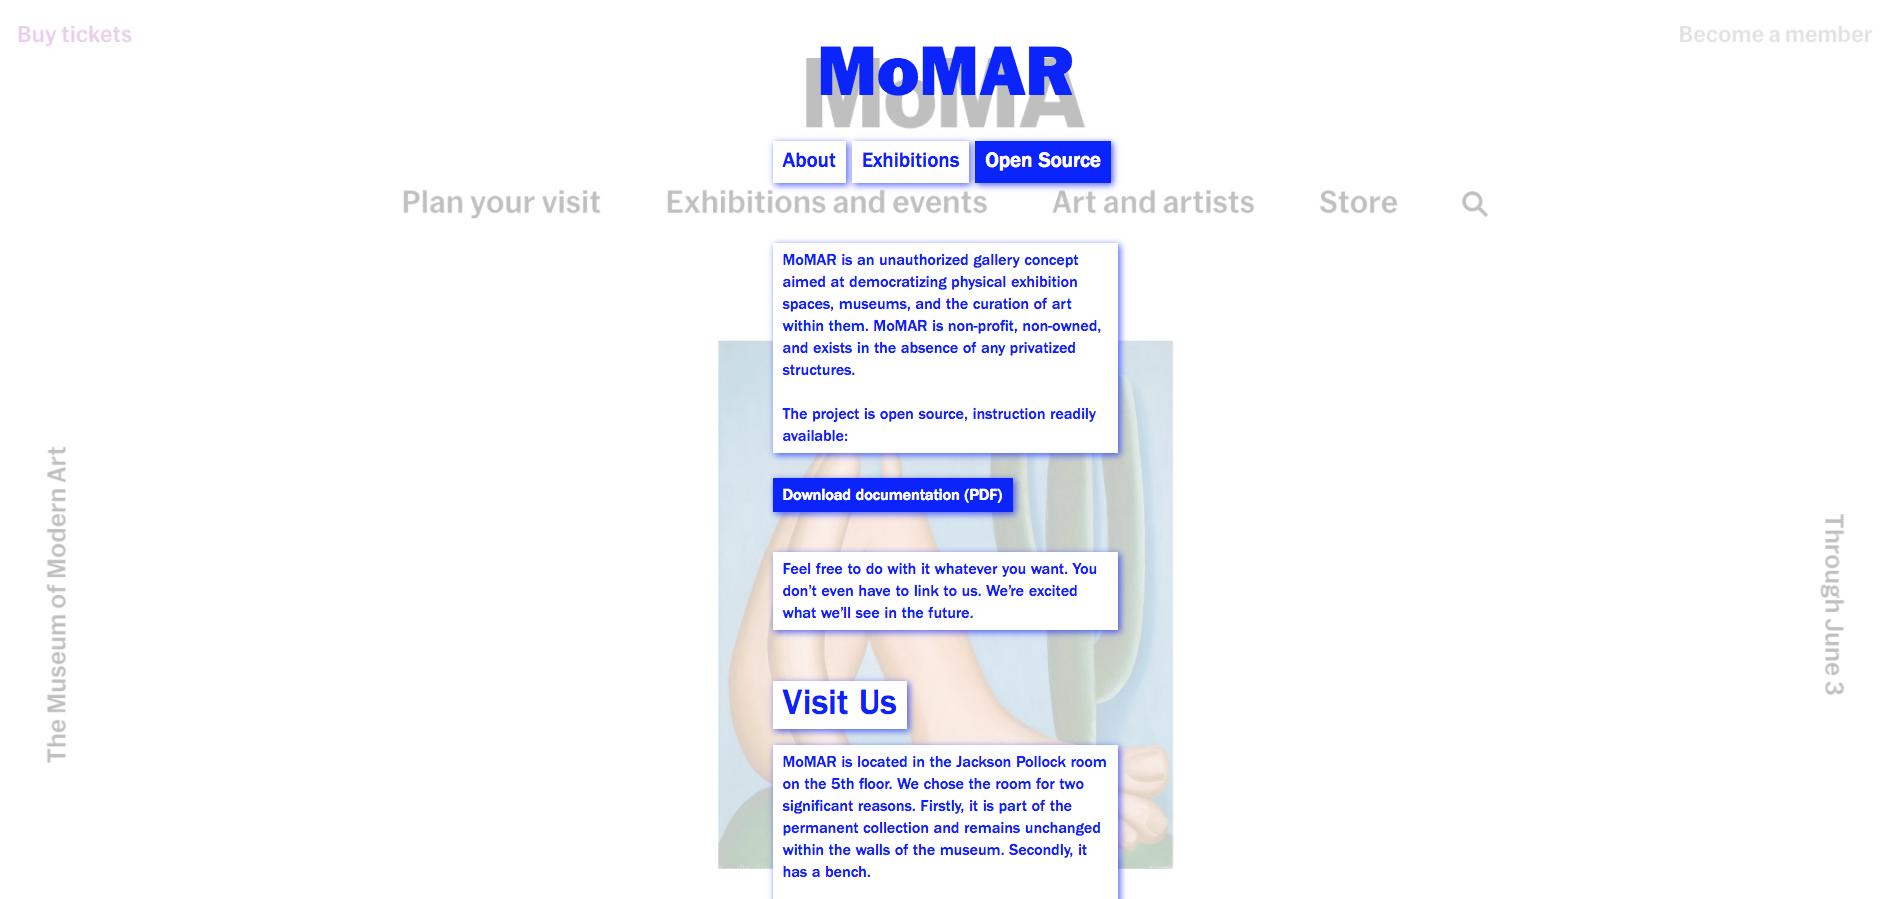 MOMAR's  site is peak nineties